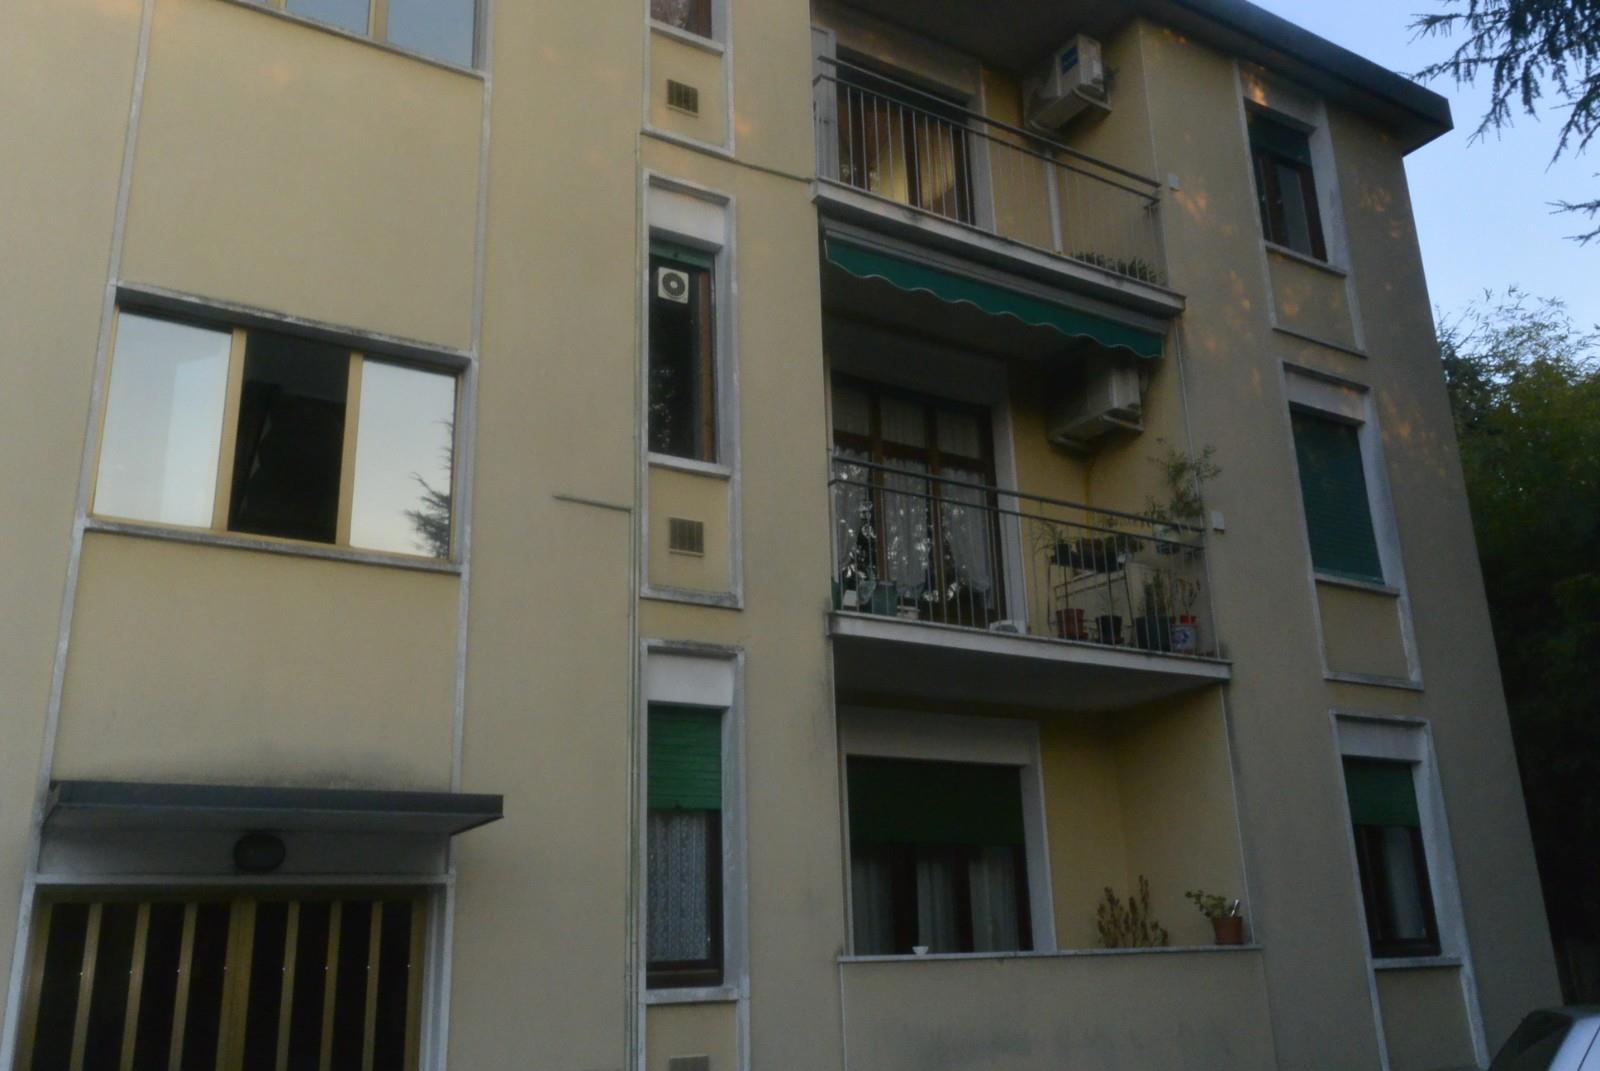 Foto 1 - Appartamento in Vendita - Meda (Monza e Brianza)